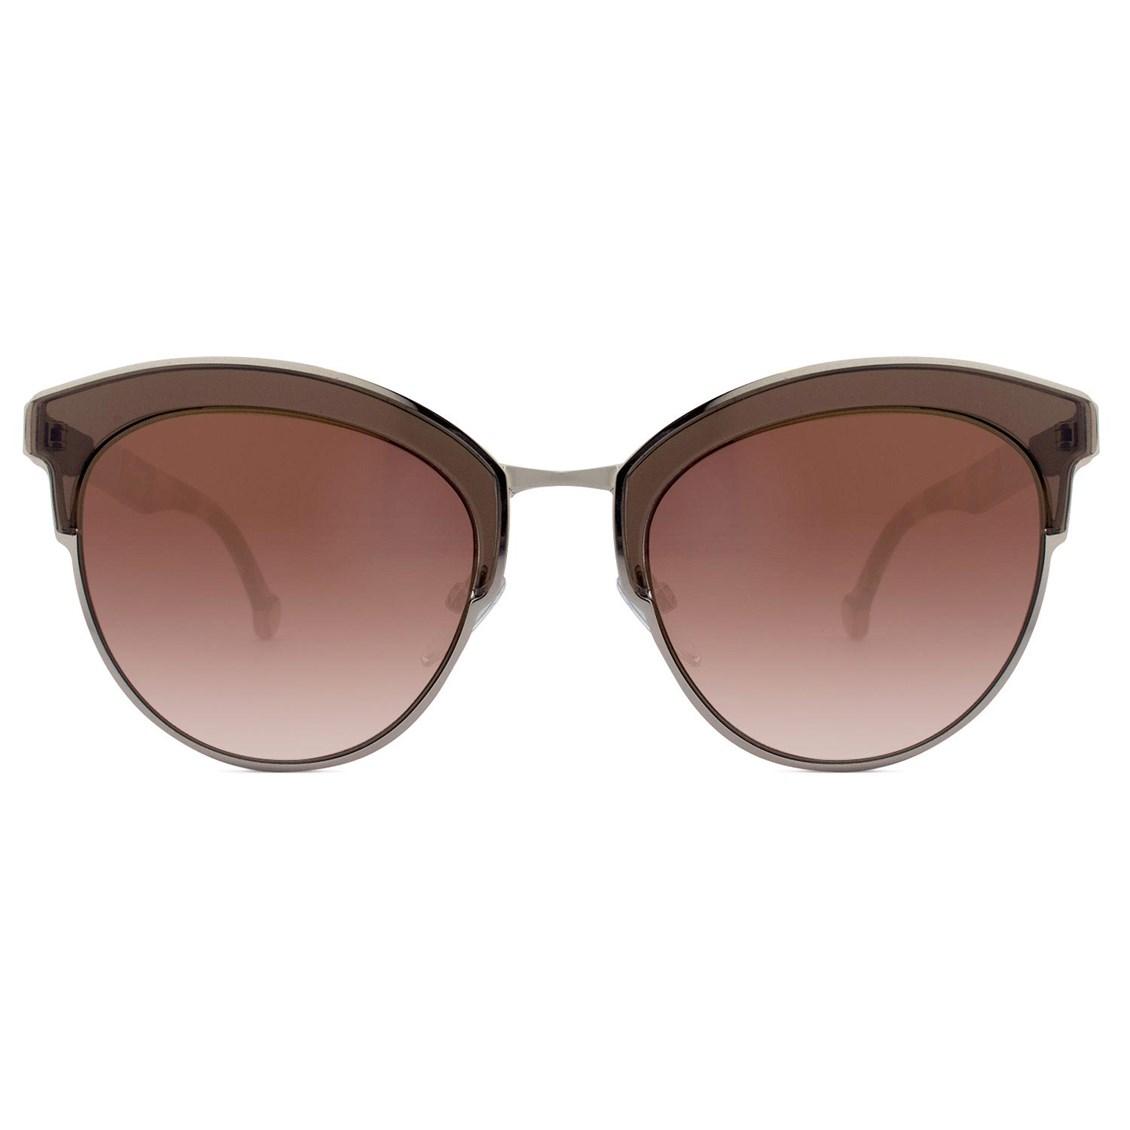 Óculos de Sol Carolina Herrera SHE101 0523-52